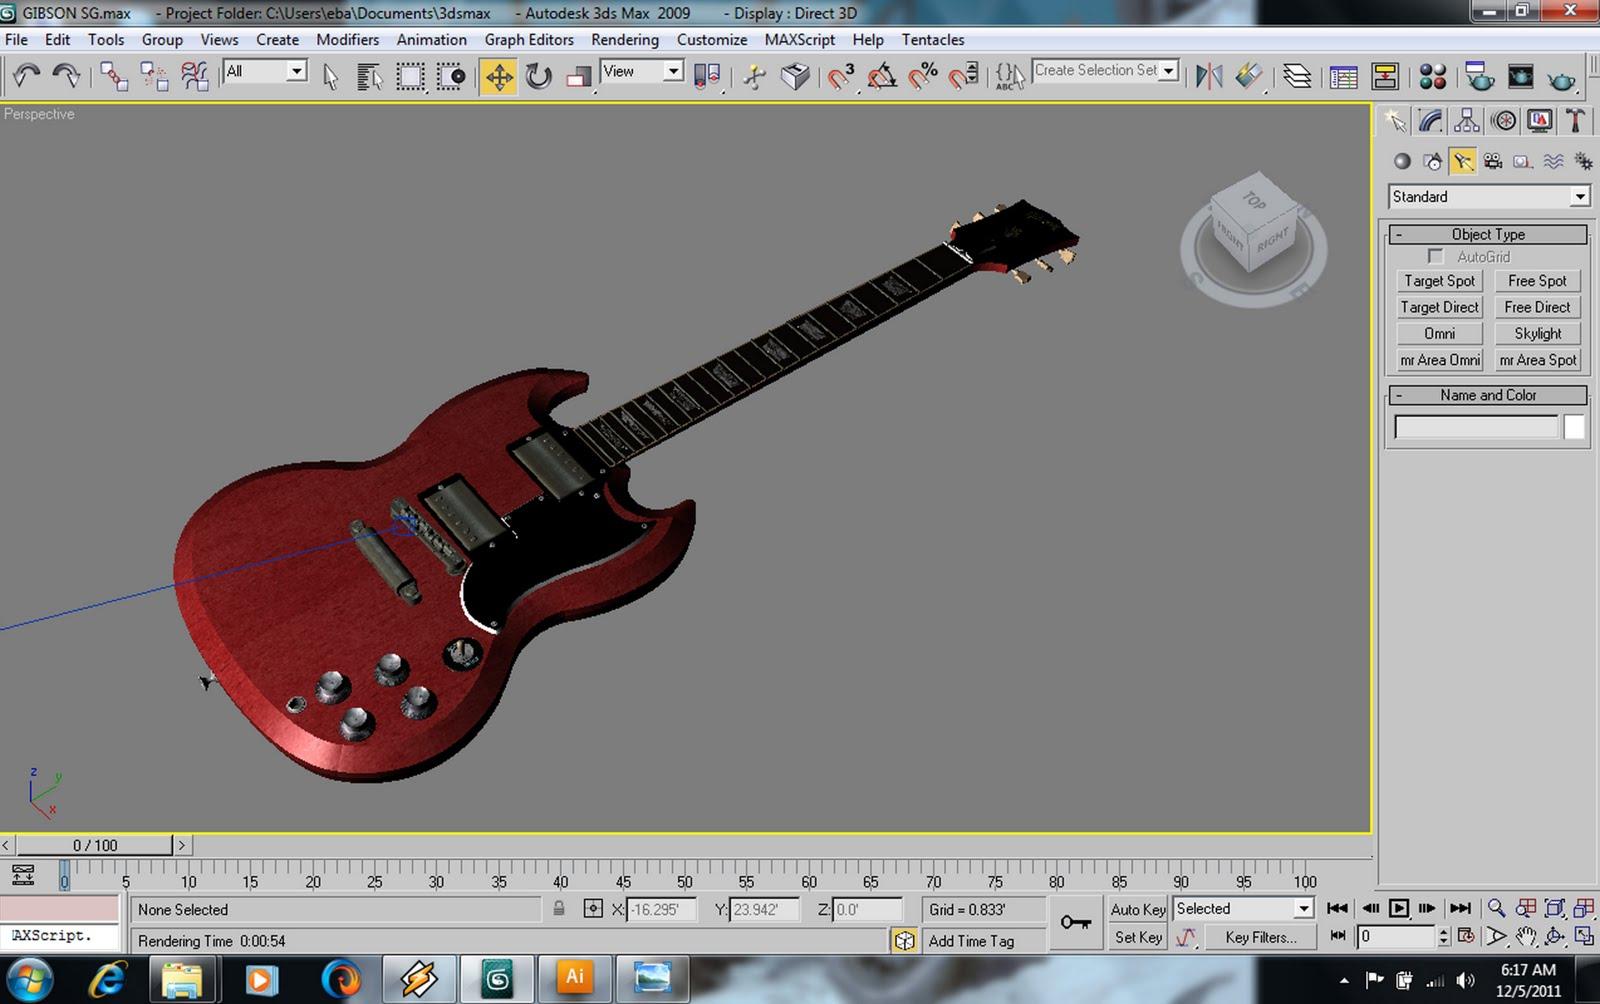 http://2.bp.blogspot.com/-JjwEPZEDbRw/Tt7_B4WaixI/AAAAAAAAAao/fahKSyQ6PhQ/s1600/SG%2Bfinished.jpg